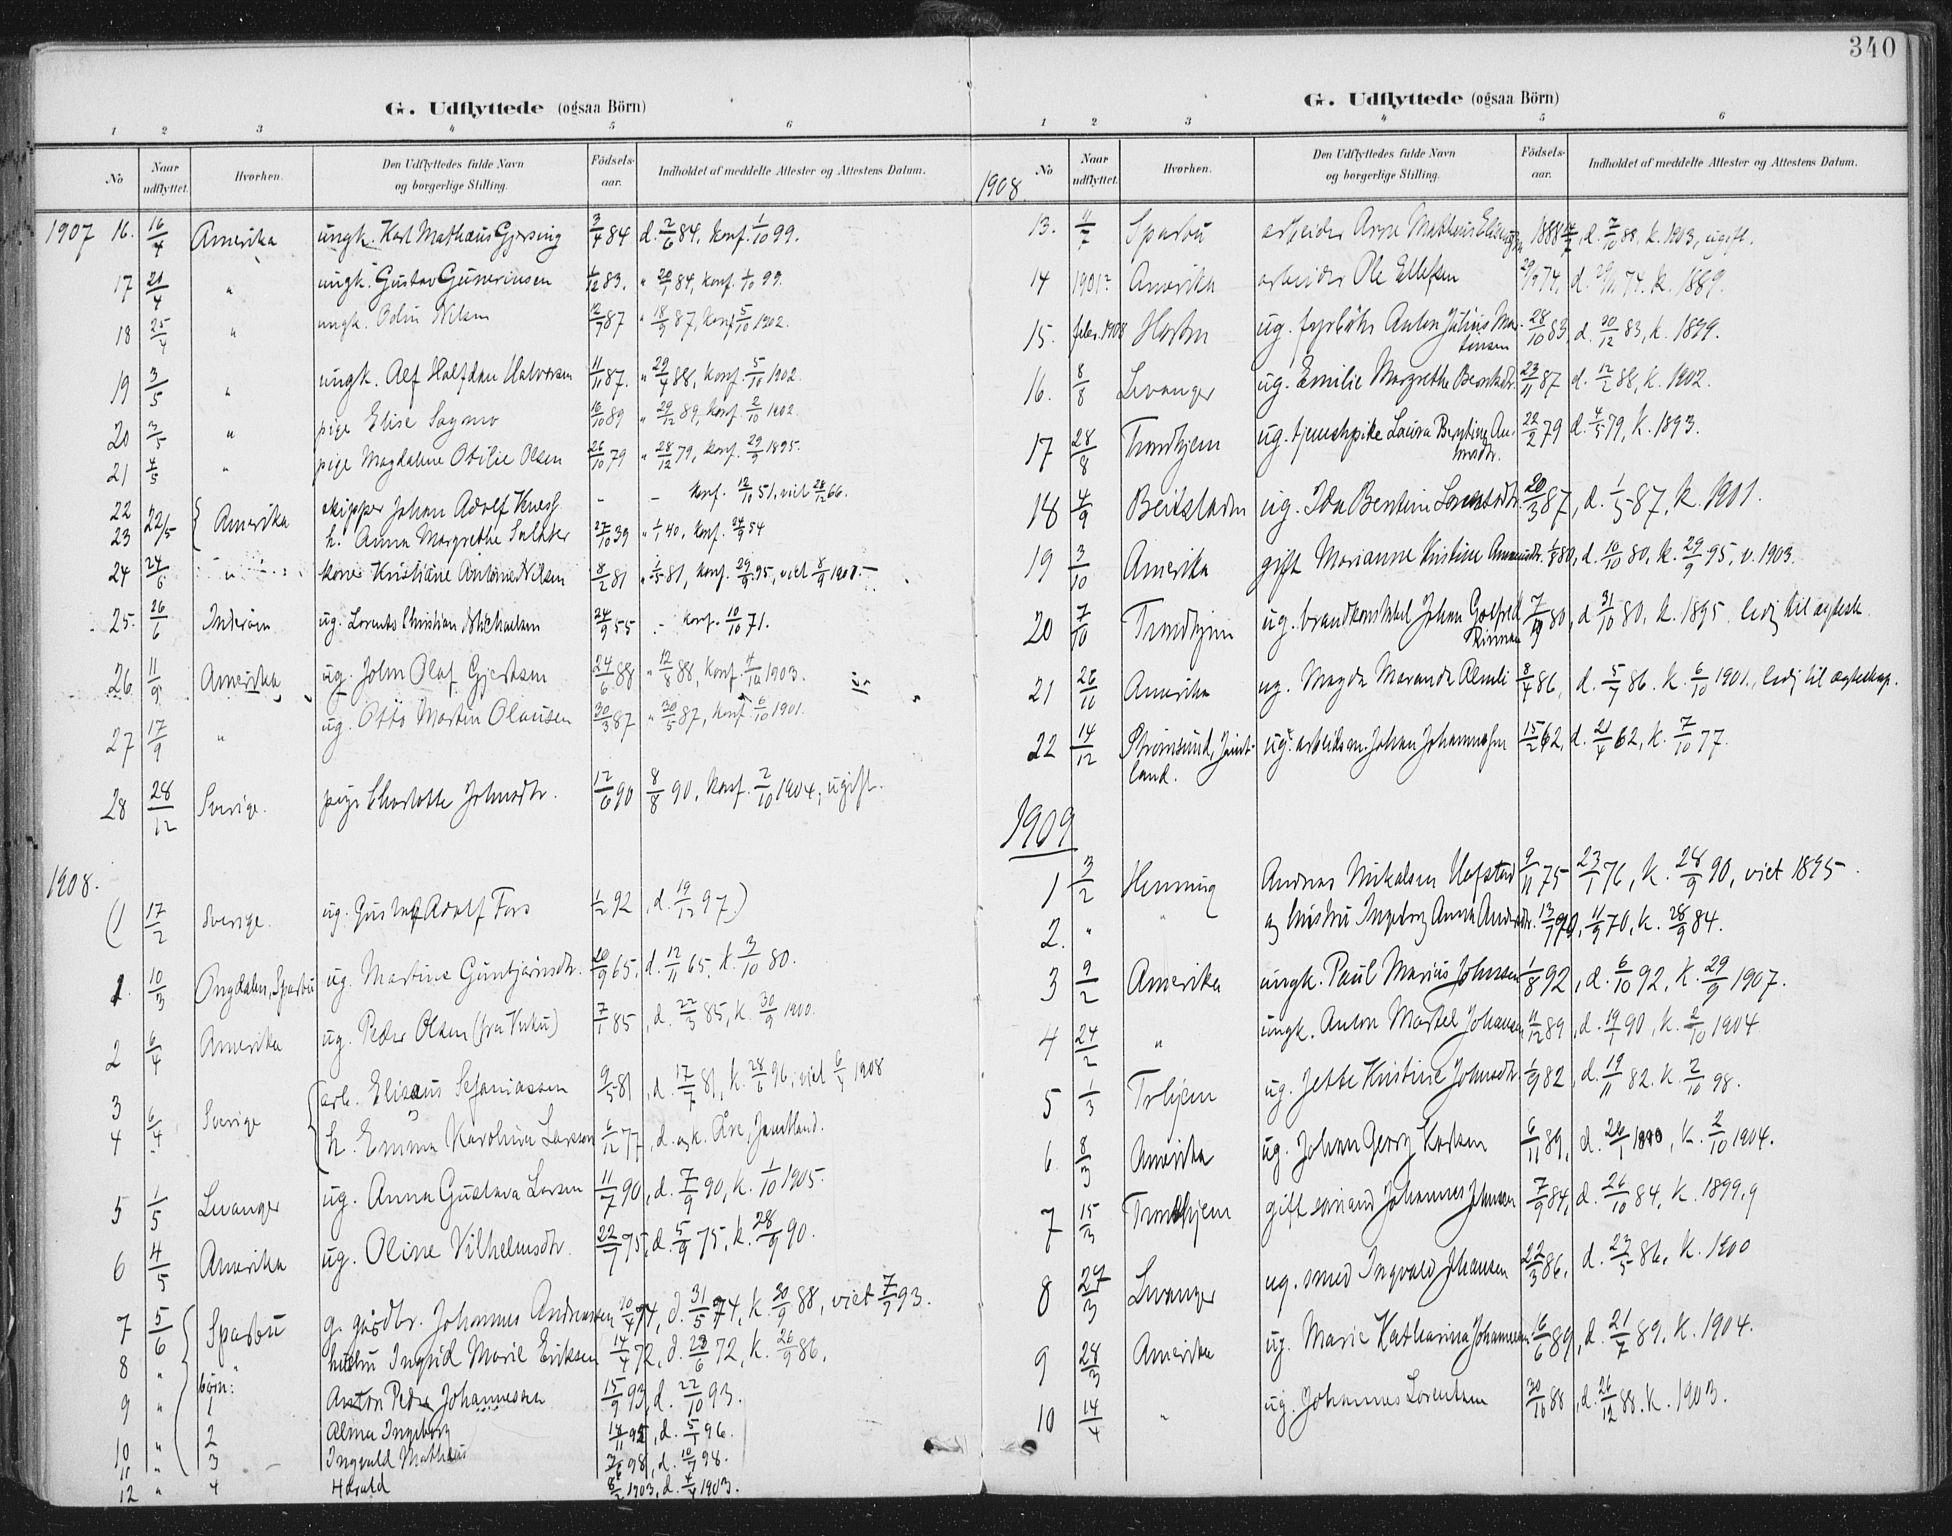 SAT, Ministerialprotokoller, klokkerbøker og fødselsregistre - Nord-Trøndelag, 723/L0246: Ministerialbok nr. 723A15, 1900-1917, s. 340